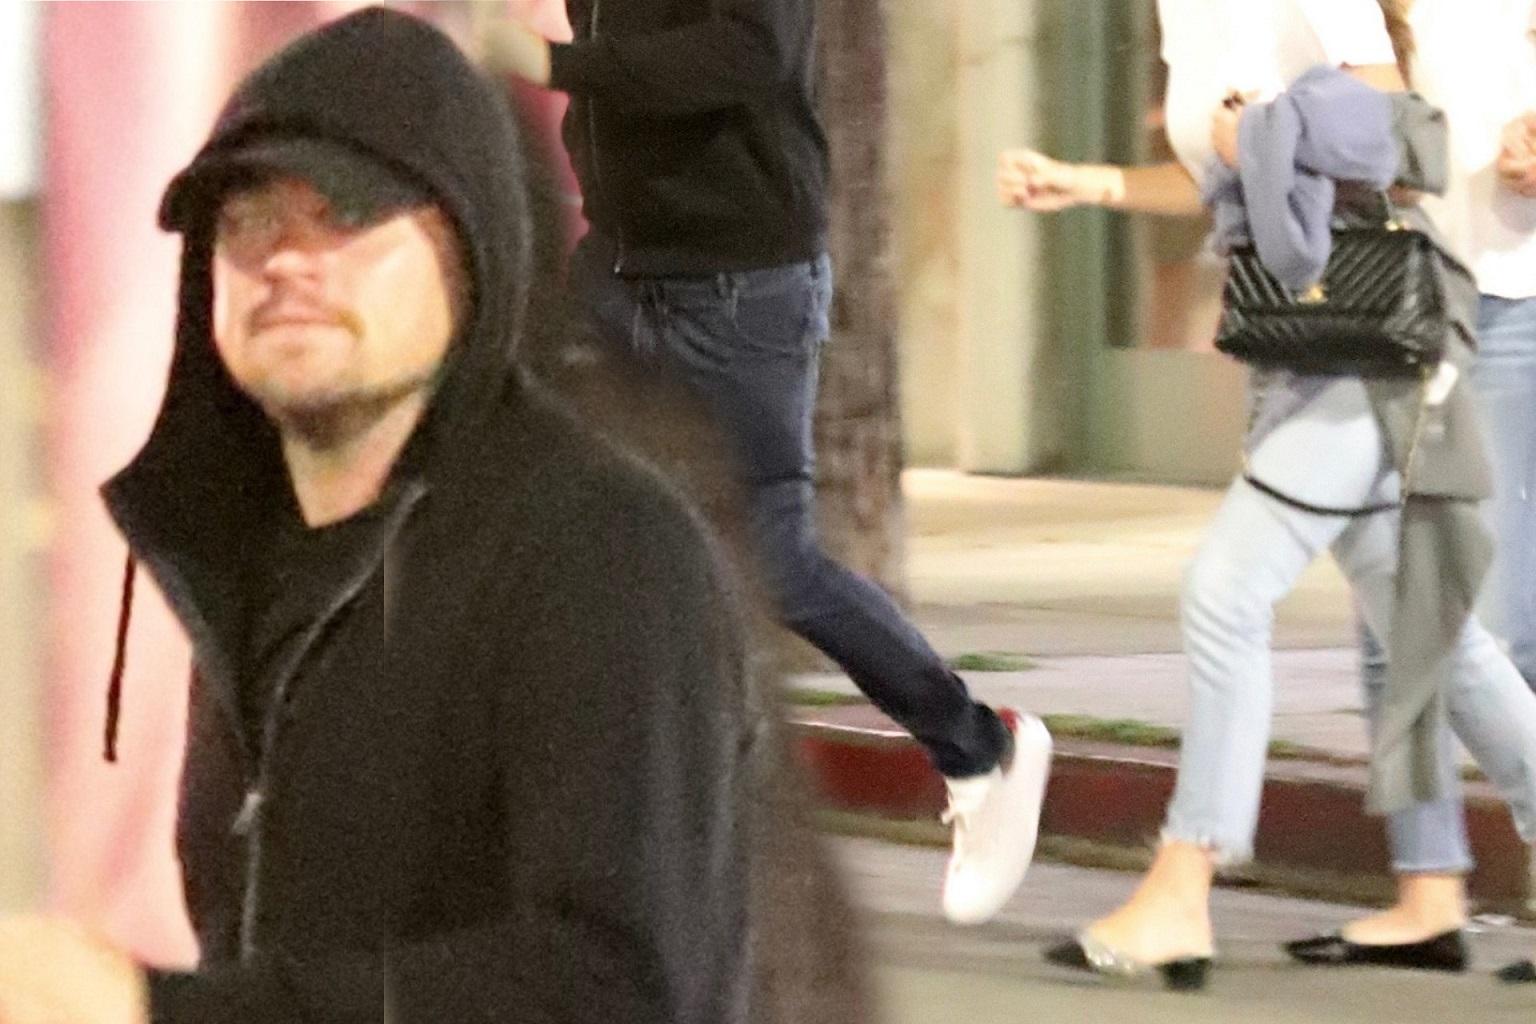 Leonardo DiCaprio na obiedzie z dziewczyną o 23 lata młodszą (ZDJĘCIA)